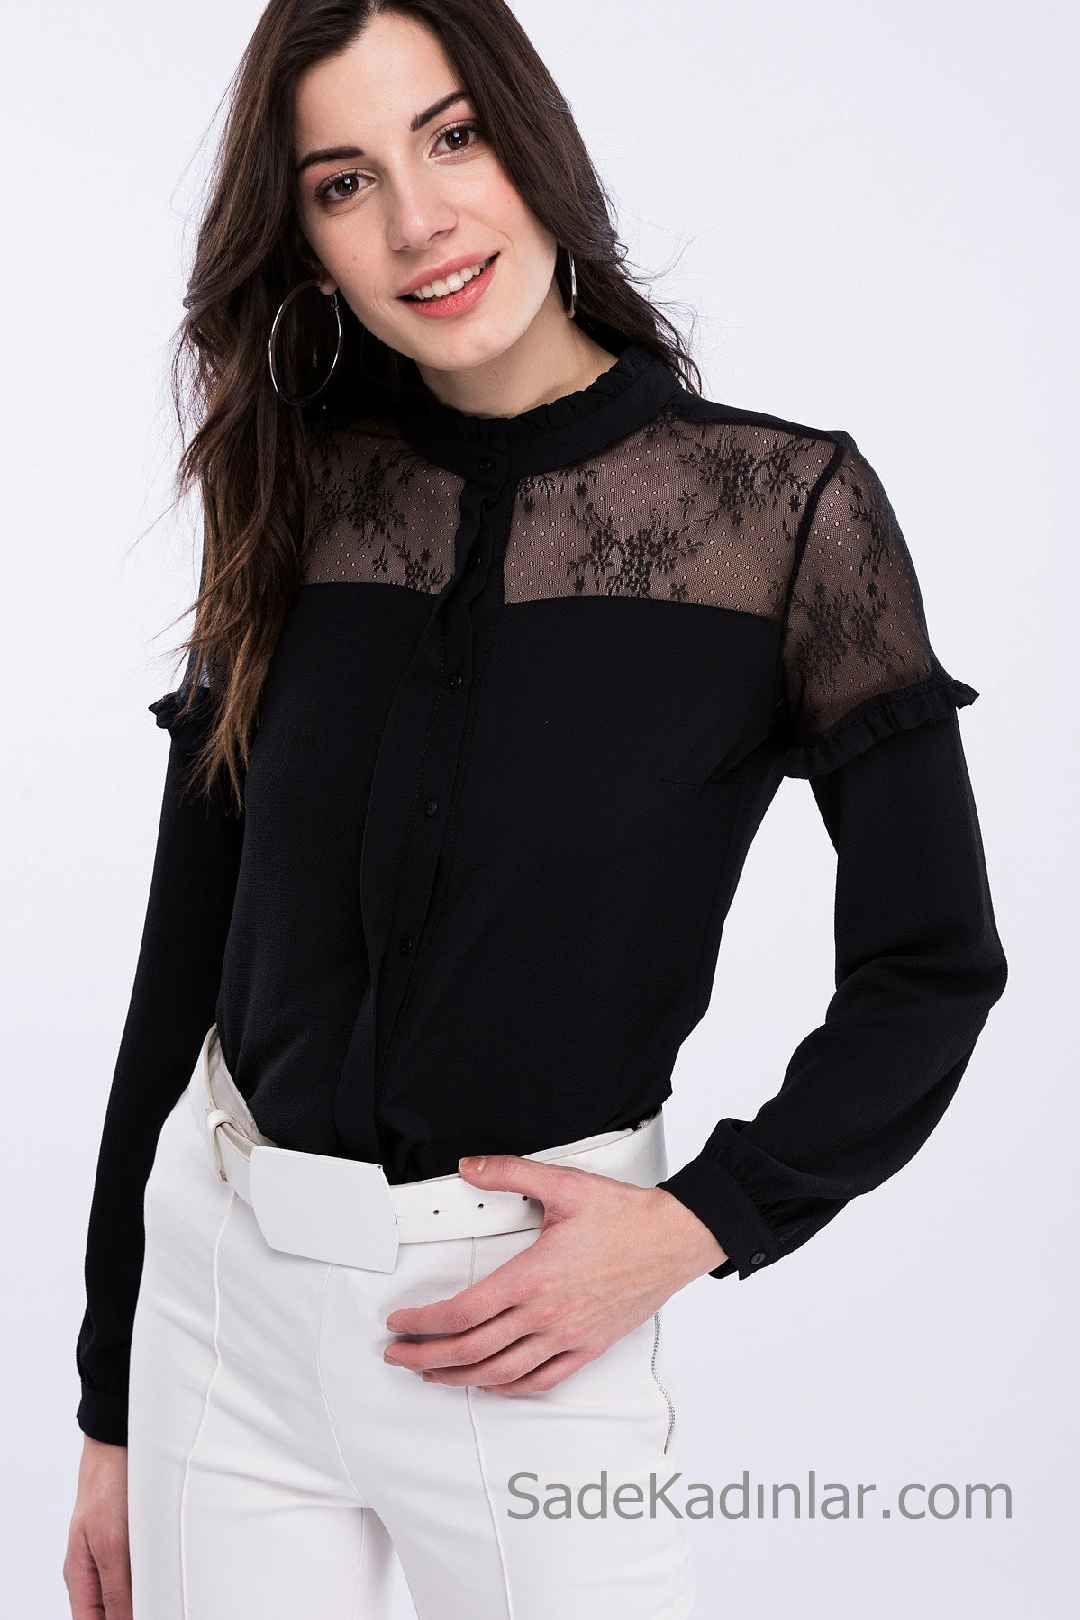 Siyah Gomlek Modelleri Uzun Kollu Transparan Yaka Gupur Dantelli Moda Stilleri Kadin Giyim Moda